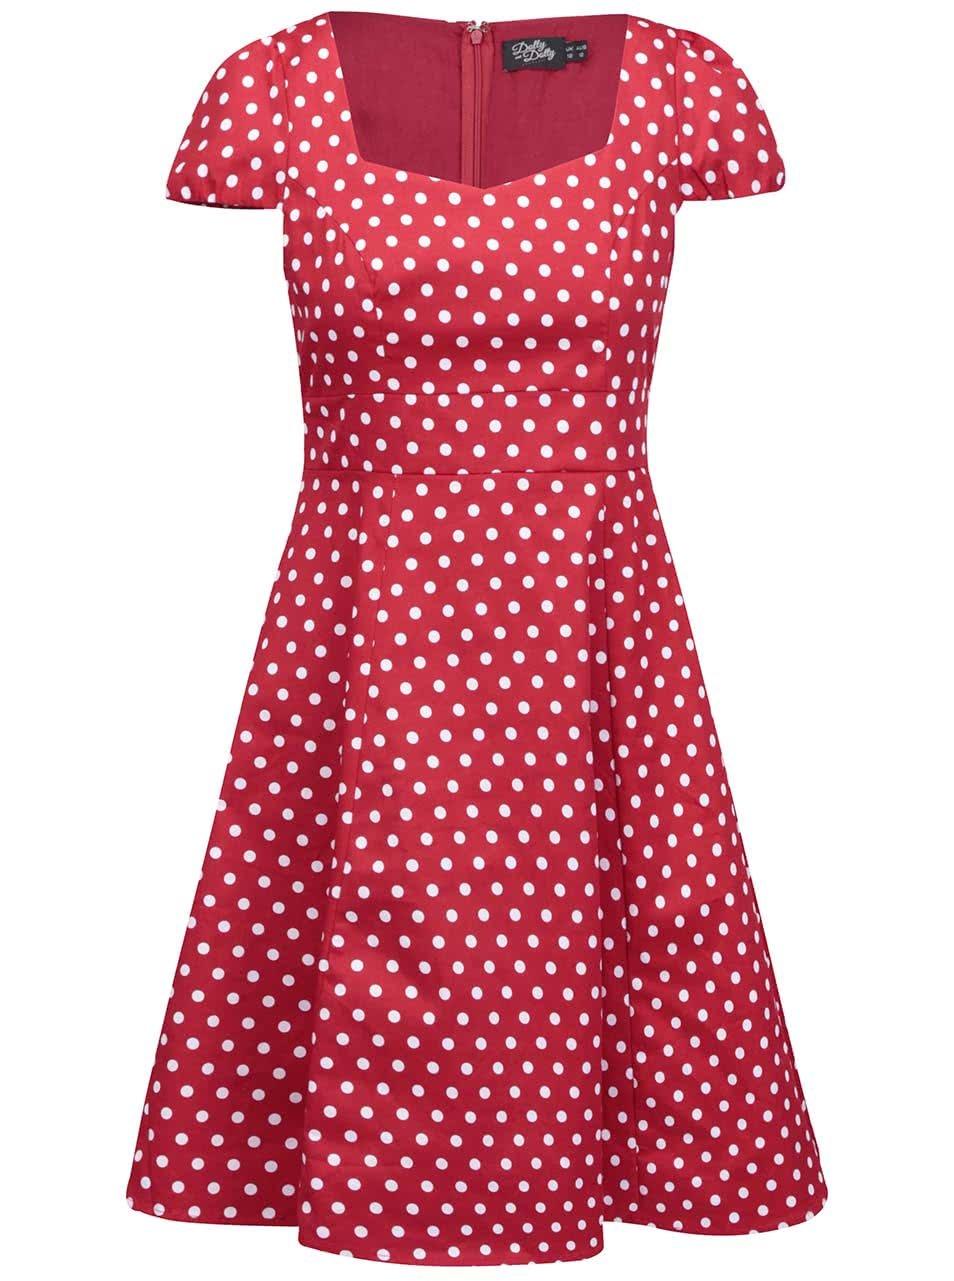 Červené puntíkované šaty s krátkými rukávy Dolly & Dotty Claudia